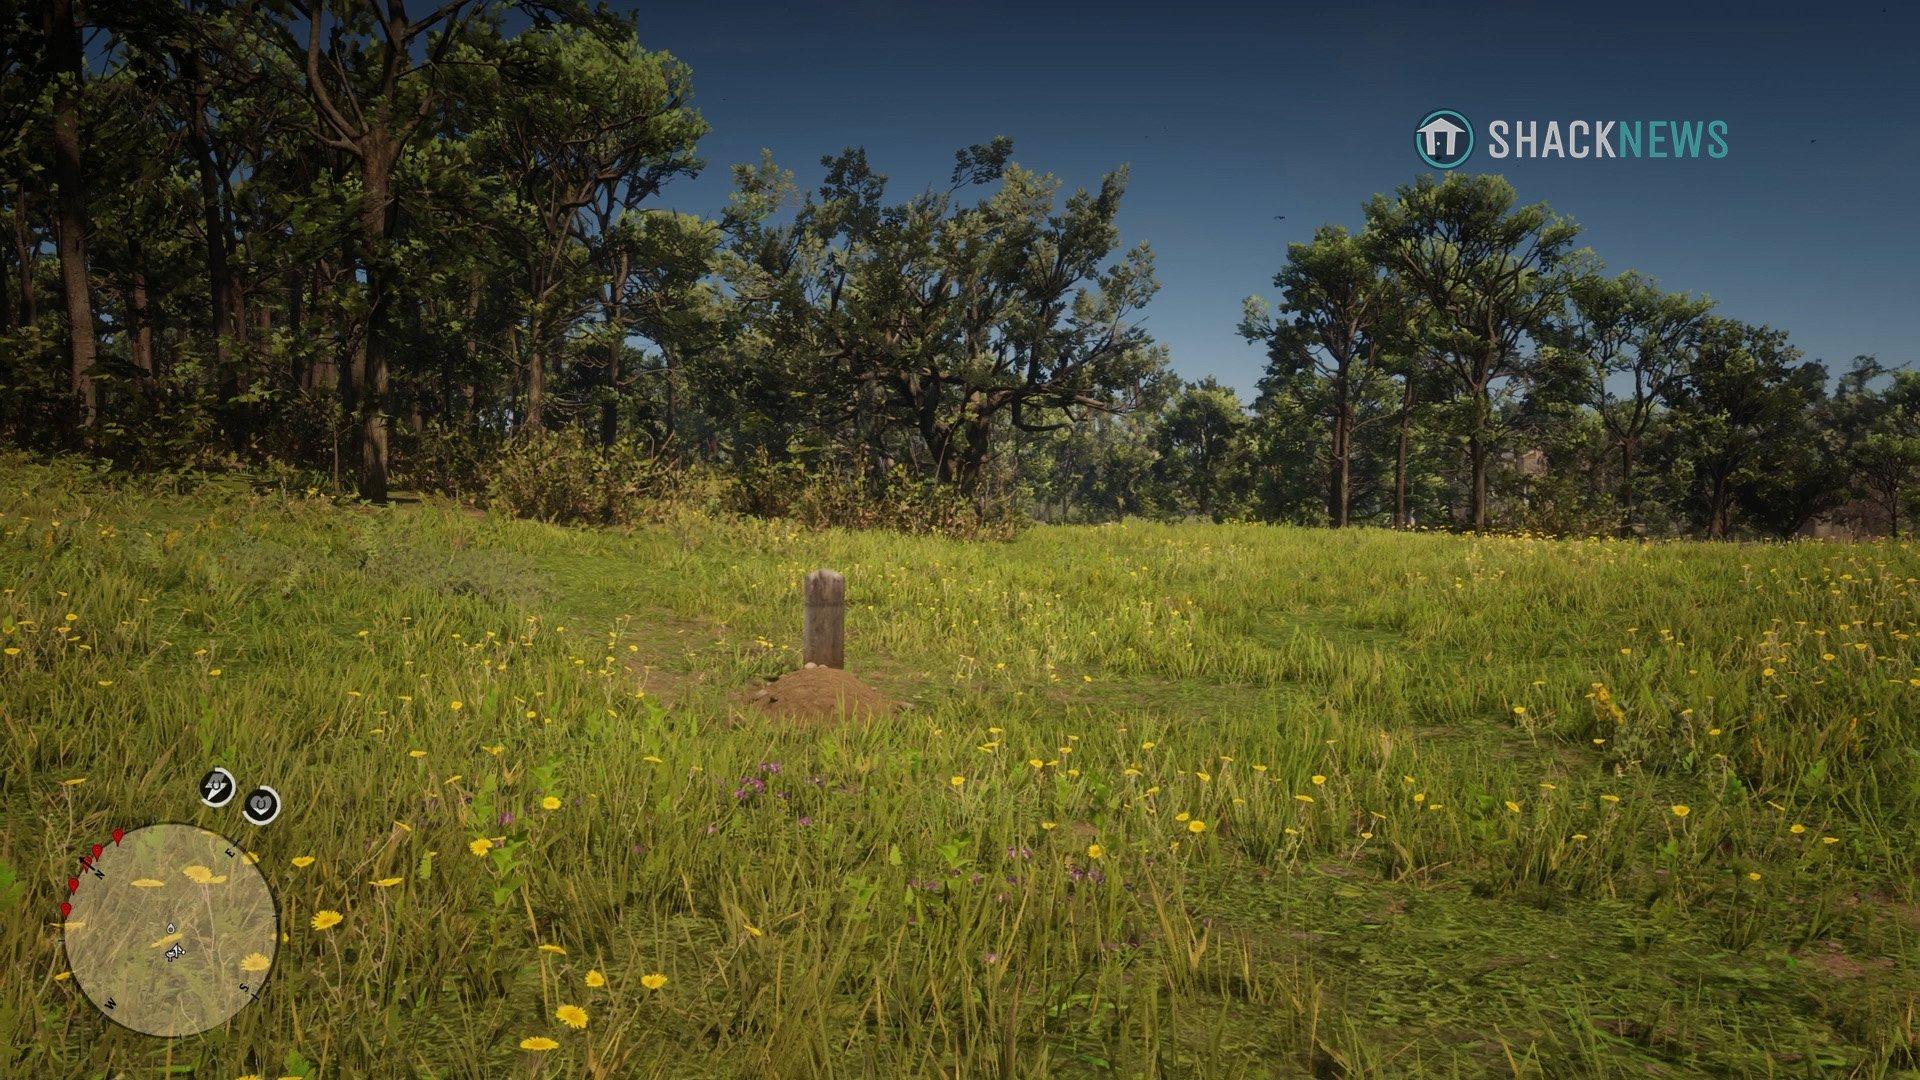 Kieran Duffy's grave location